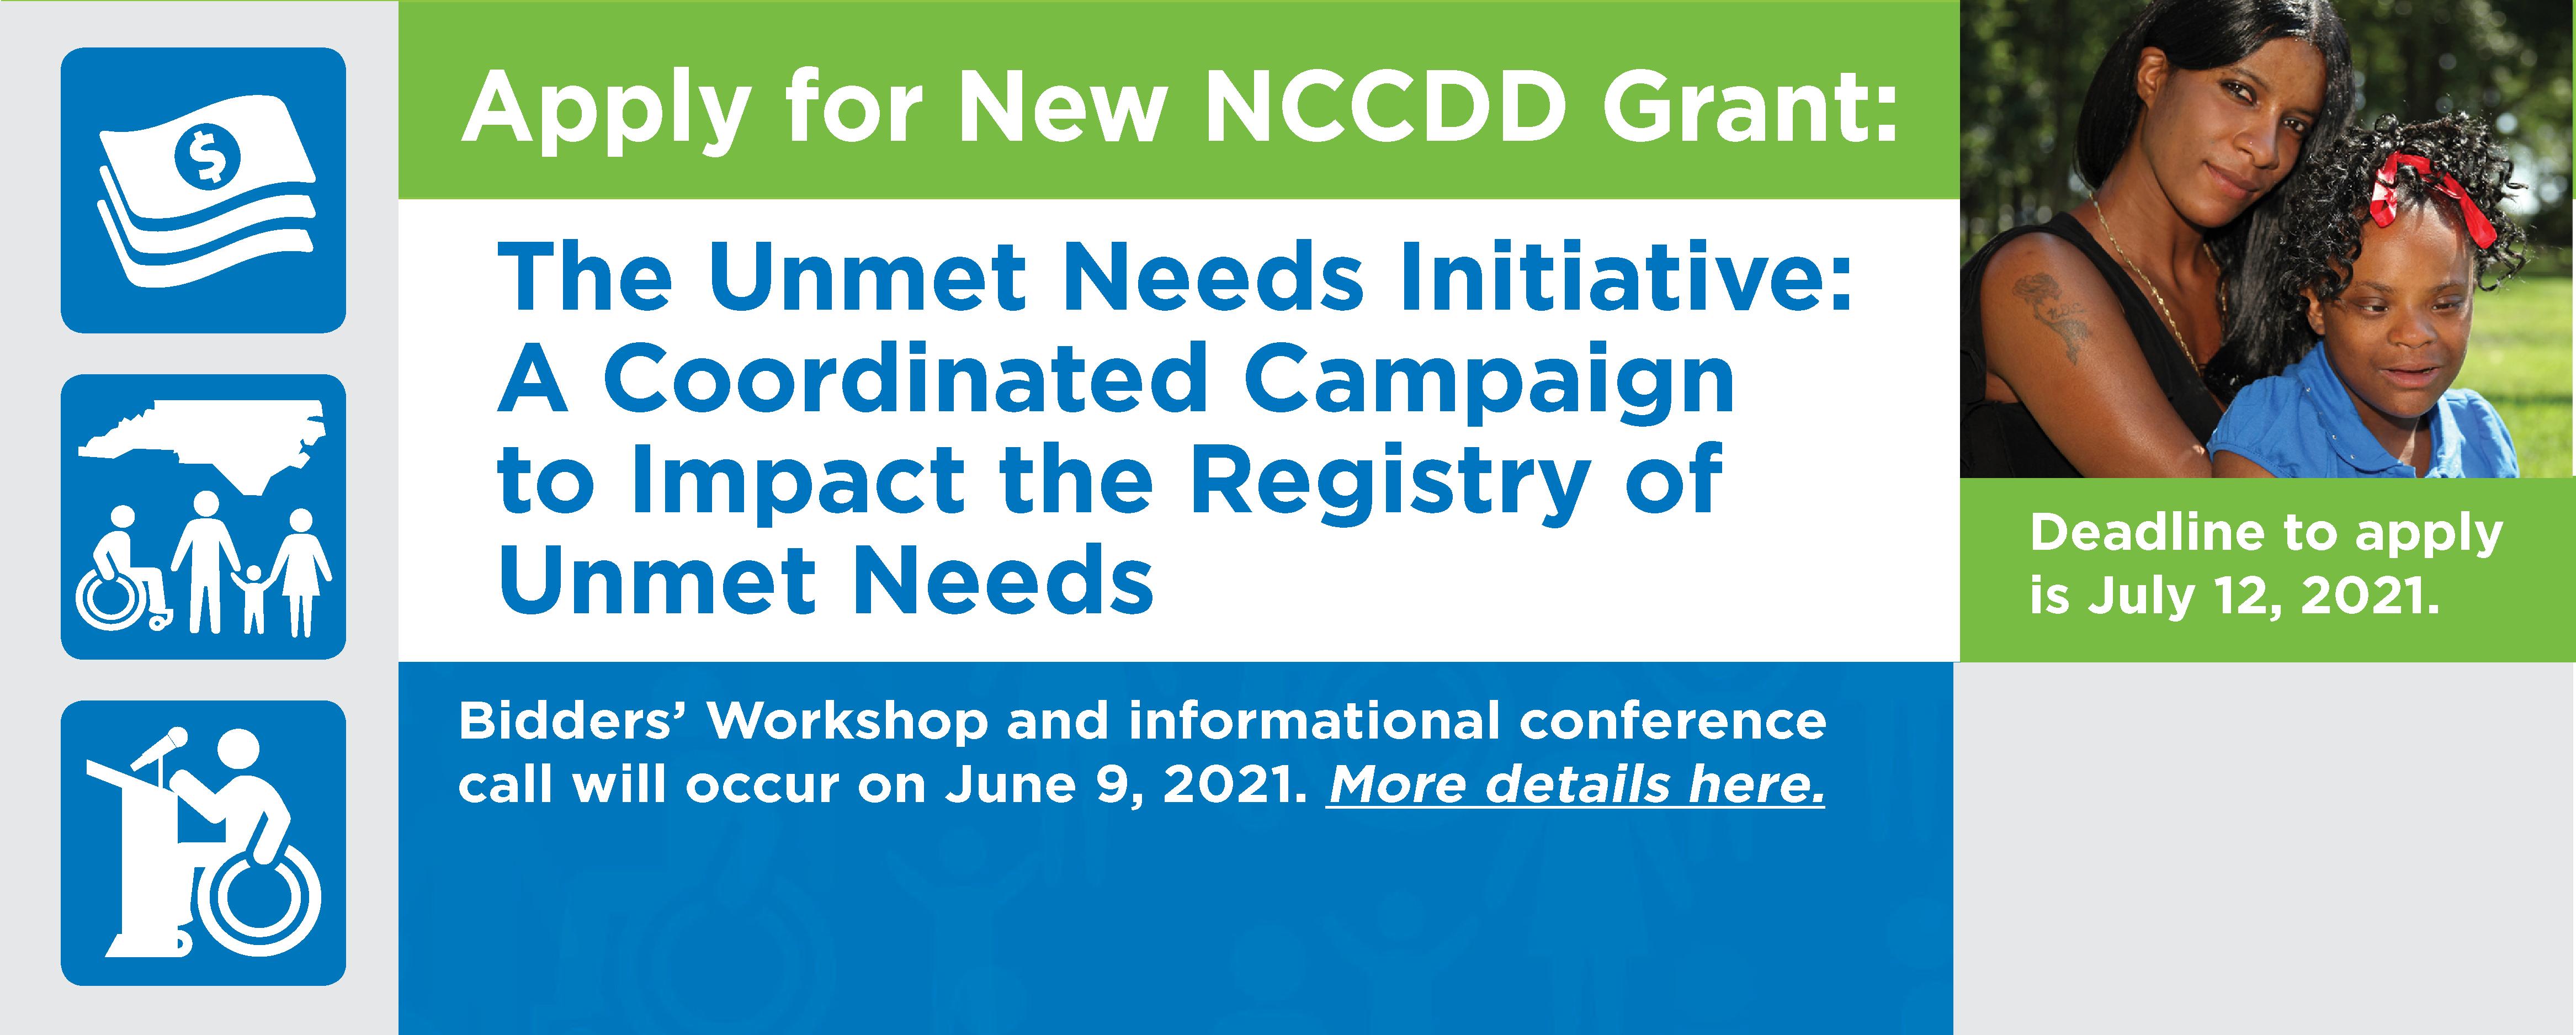 NCCDD Announces New RFA due 7/12/21